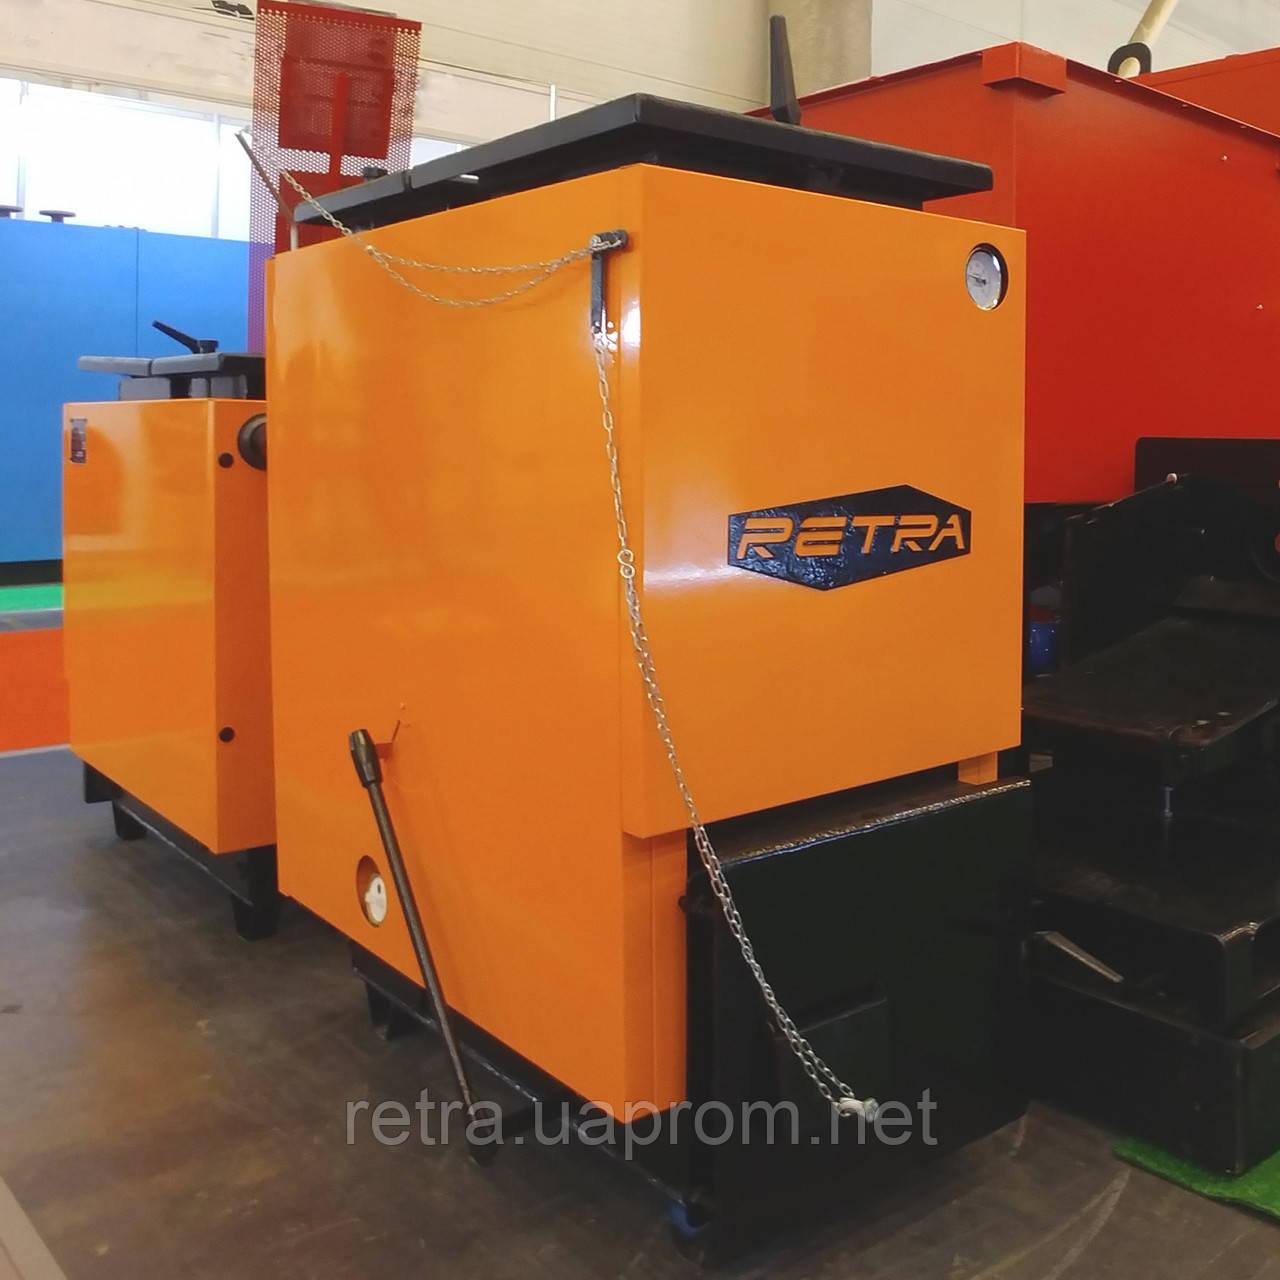 Котел твердотопливный Ретра-6М Comfort 16 кВт шахтный длительного горения